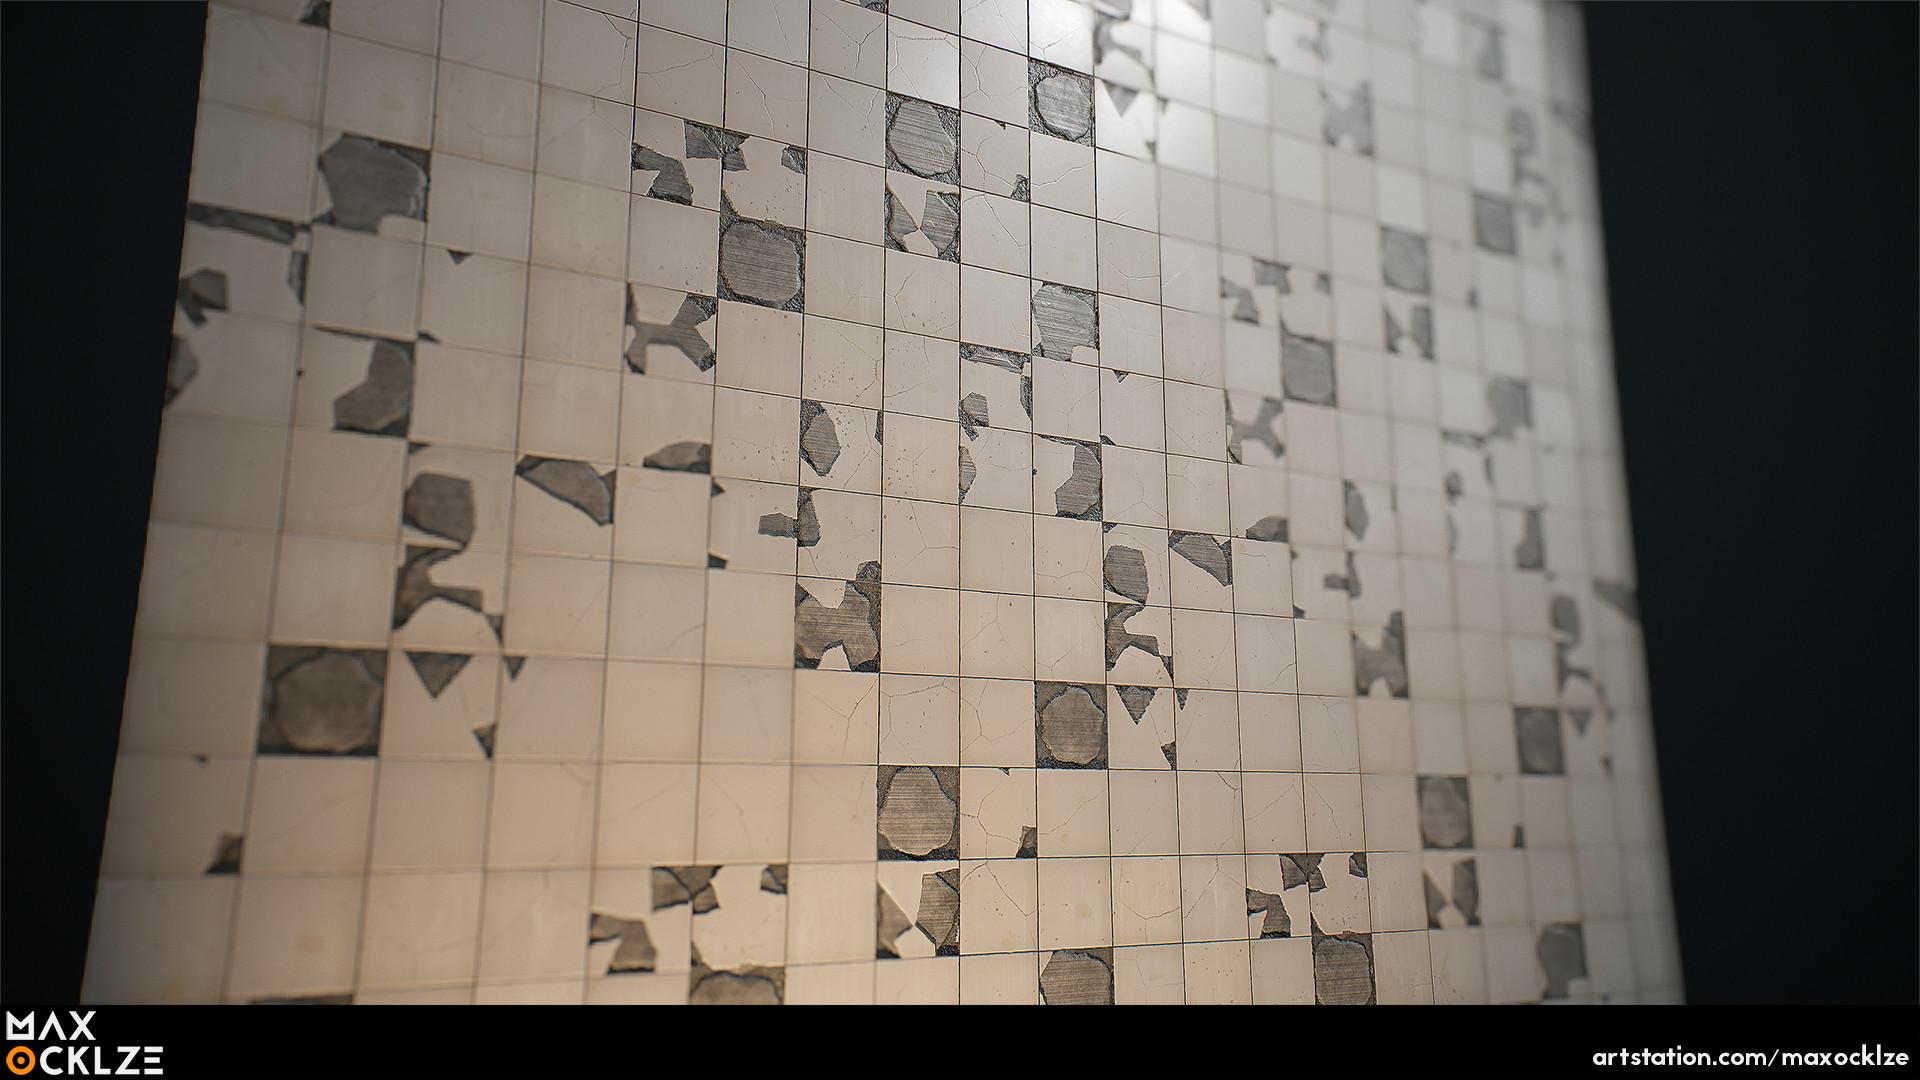 Max ocklze broken tiles 3